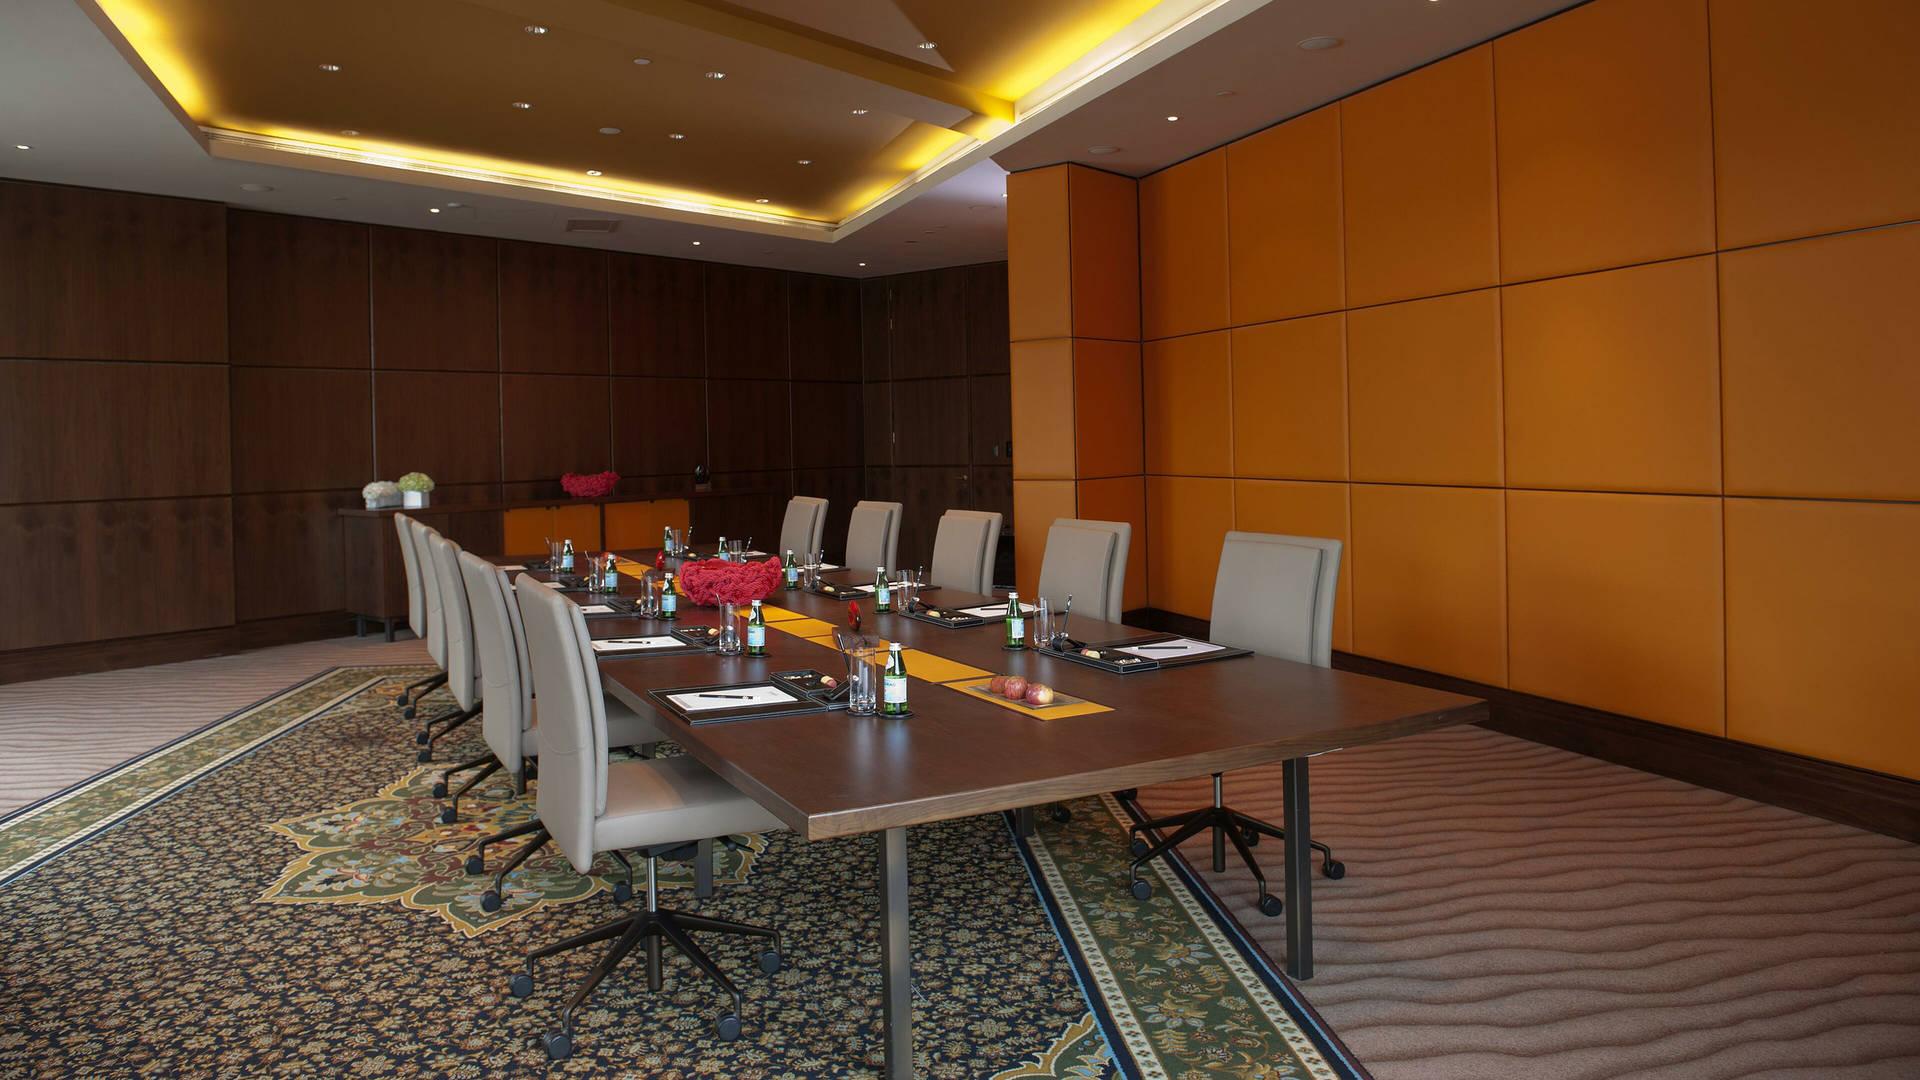 https://cdn.jumeirah.com/-/mediadh/DH/Hospitality/Jumeirah/Occasion/Dubai/Creekside-Hotel/Creekside-Hotel-Meeting-rooms/Jumeirah-Creekside-Hotel-Meeting-Room-16-9.jpg?h=1080&w=1920&hash=19E7FEBEFD729963F0266D163FC1C3F6